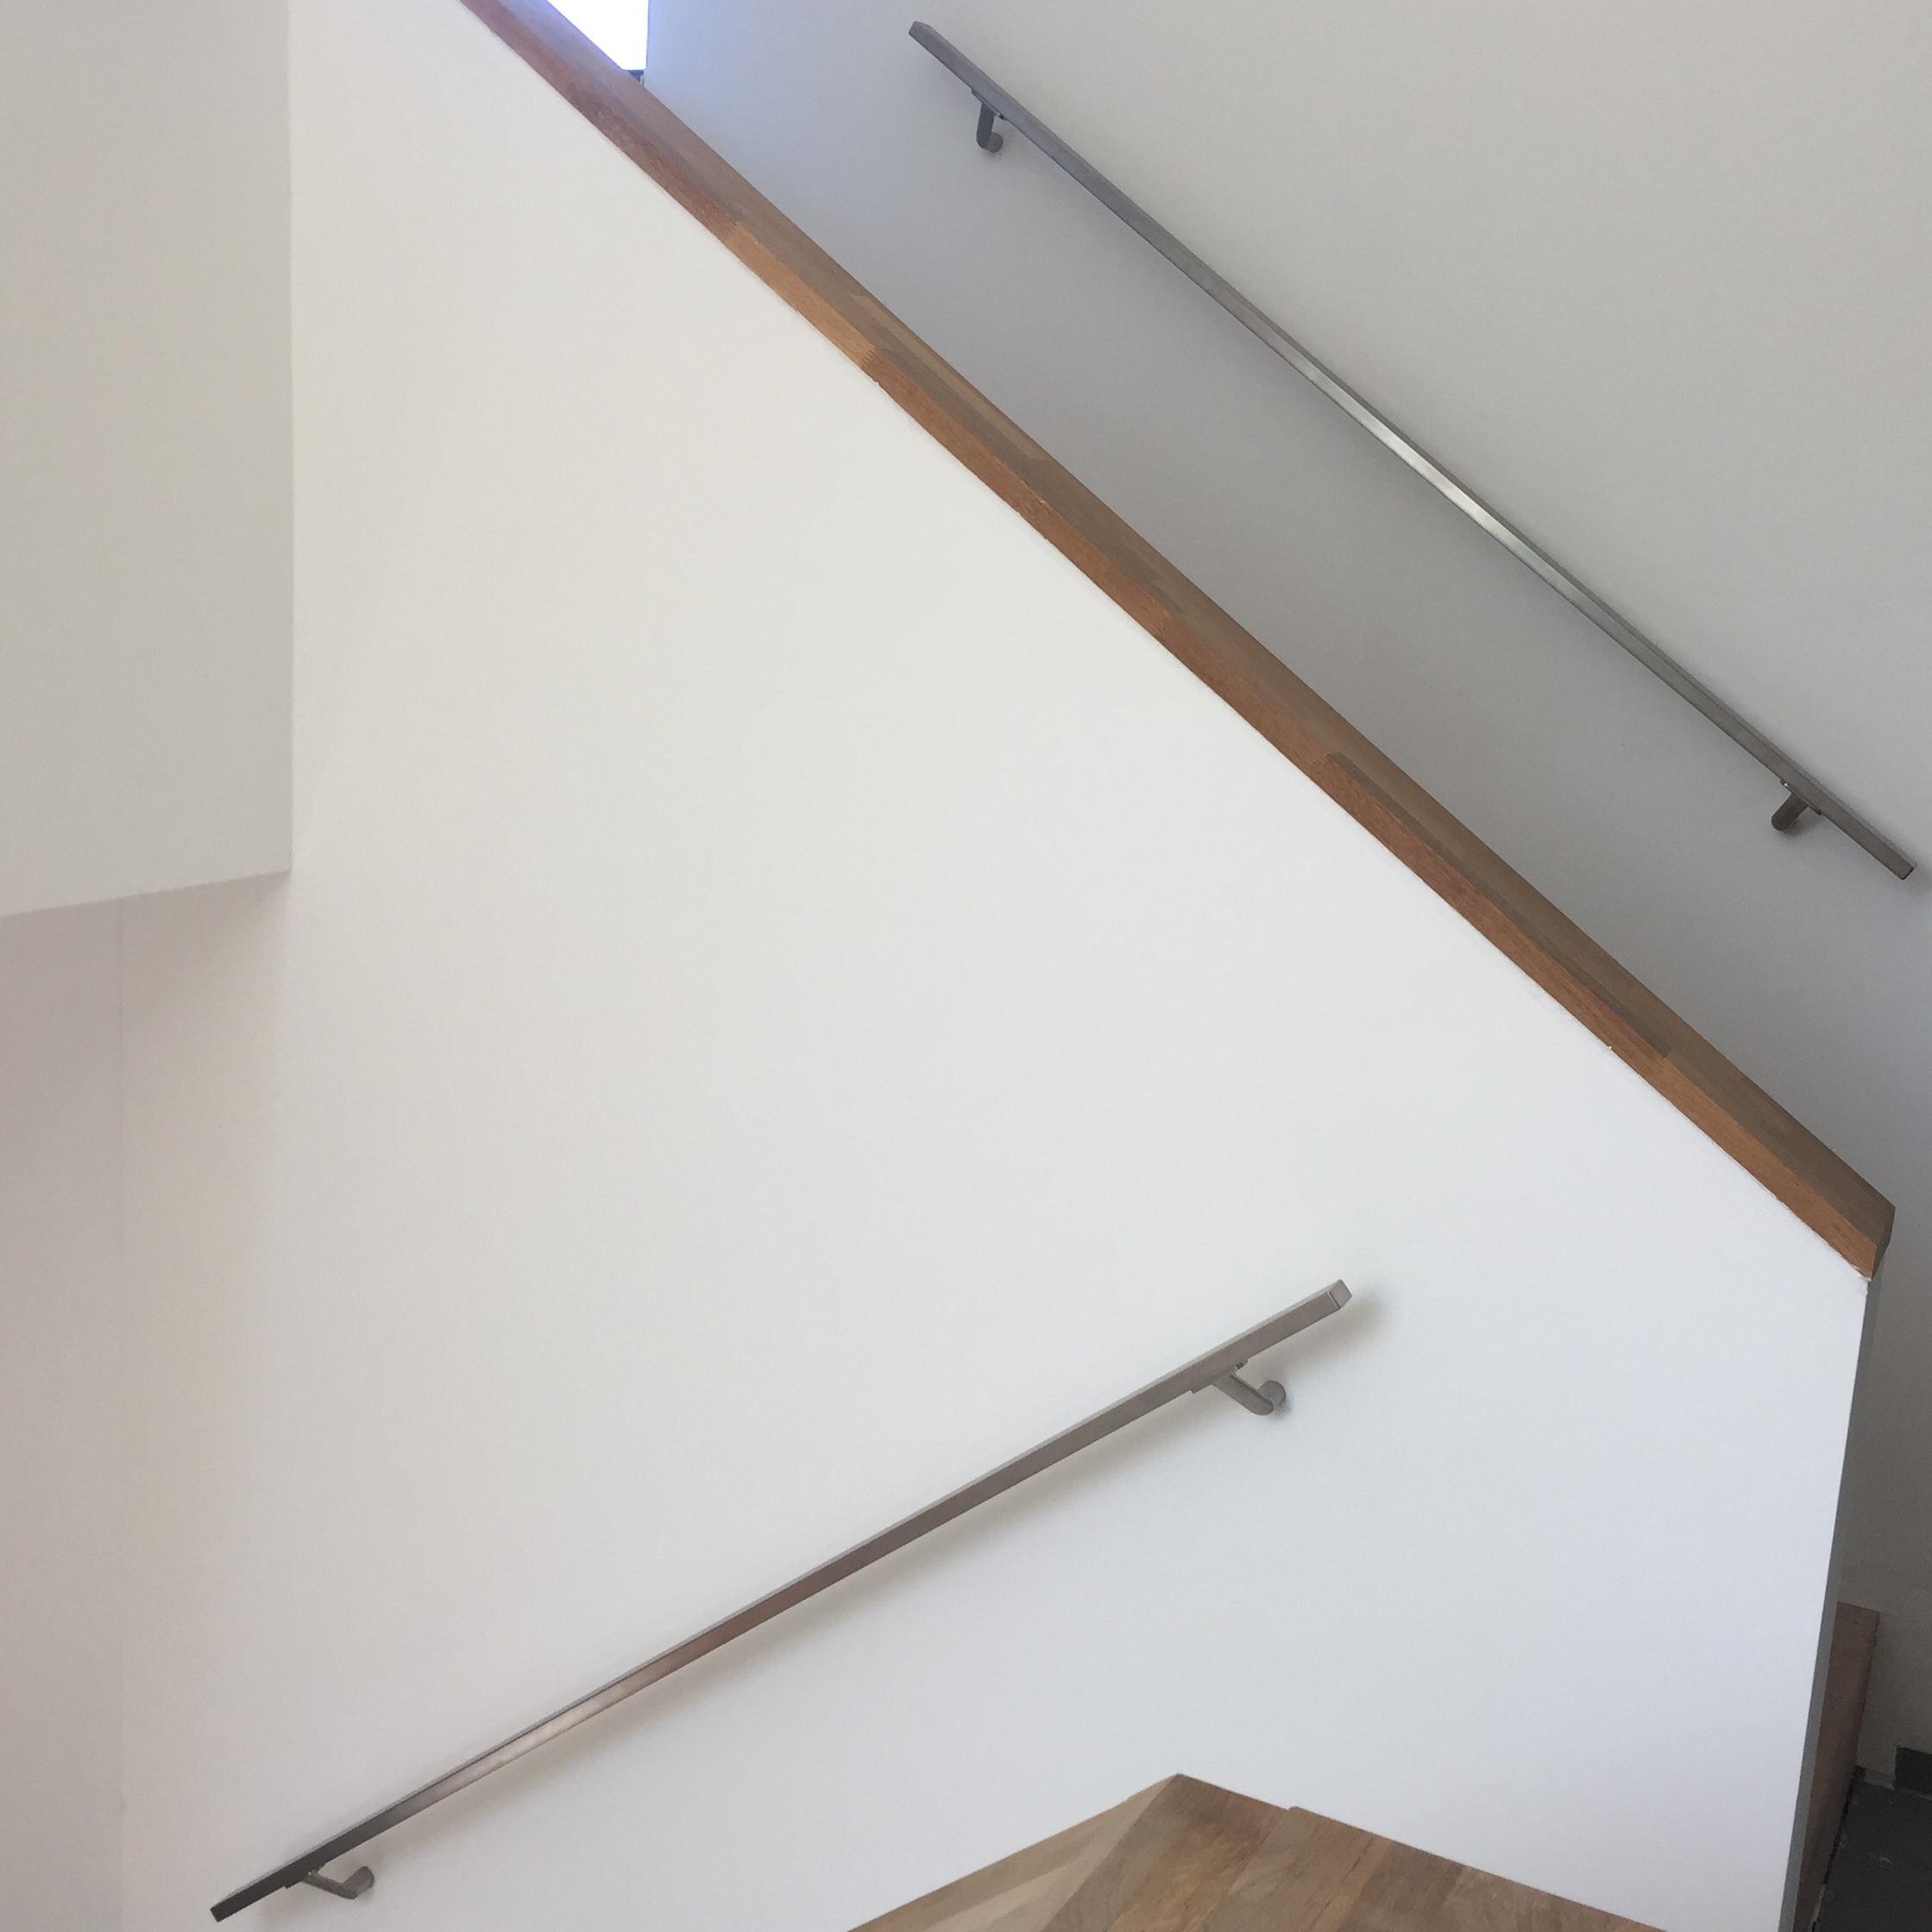 Handlauf Edelstahl viereckig 40x20 gebürstet Modell 7 - Rechteckige Edelstahl Treppengeländer - Treppenhandlauf